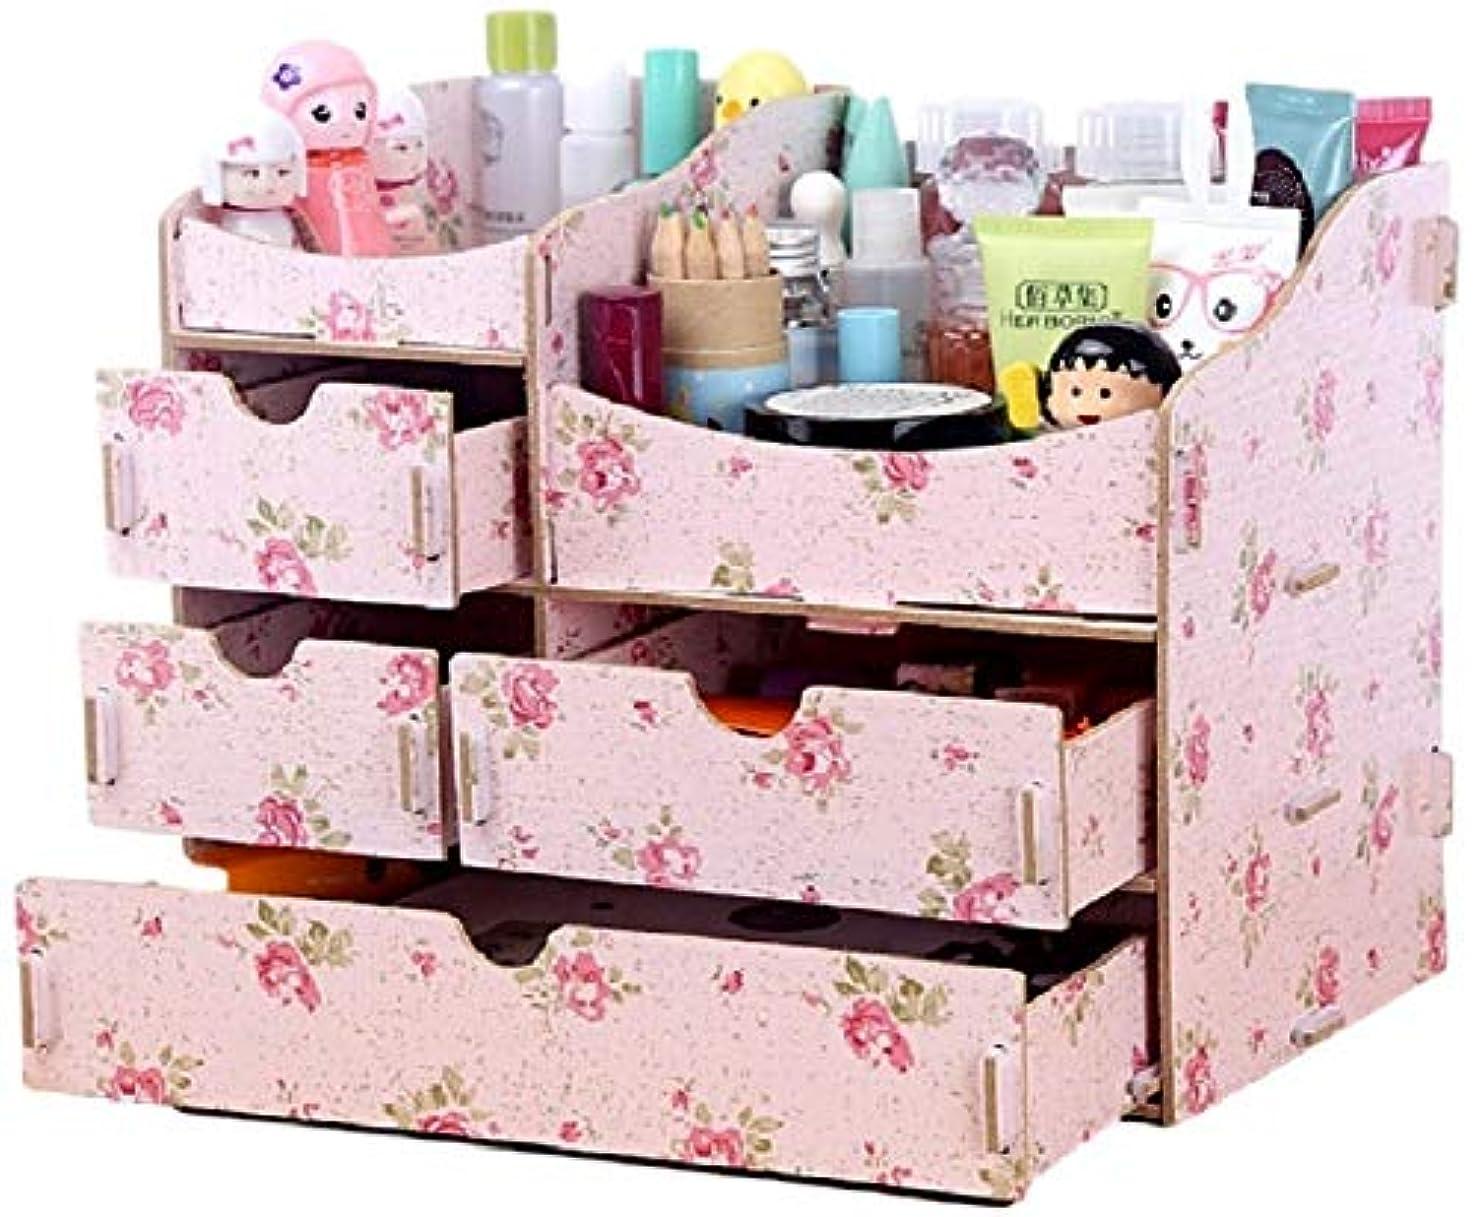 バレーボールバルコニー敬礼(ミウォルナ) Miwoluna 化粧品 コスメ ジュエリー 収納 ボックス スタンド メイクボックス 木製 組み立て式 (鏡なし ツバキ)